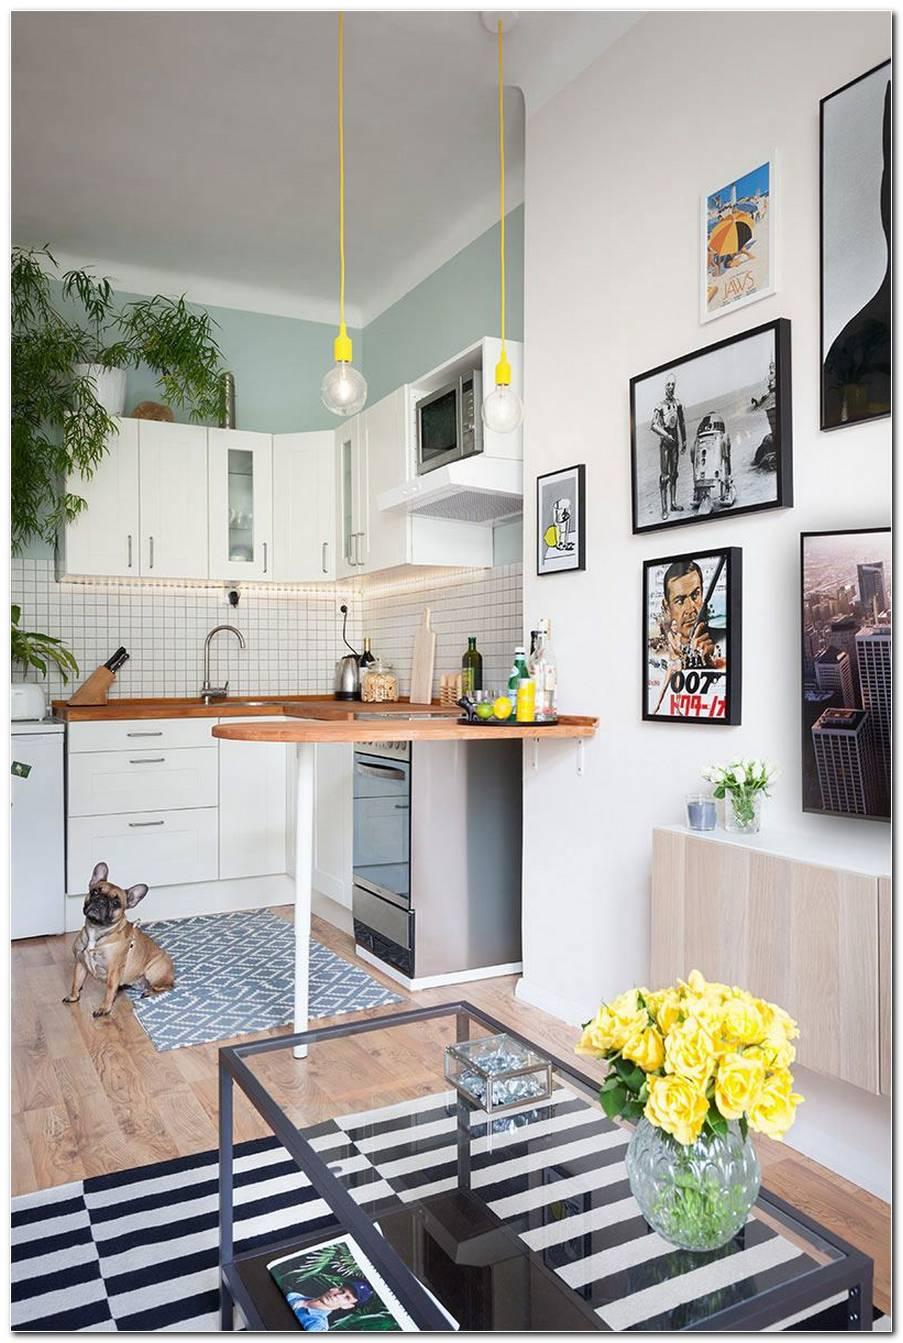 Cozinha Simples 60 Dicas De Decoração Bonitas E Baratas